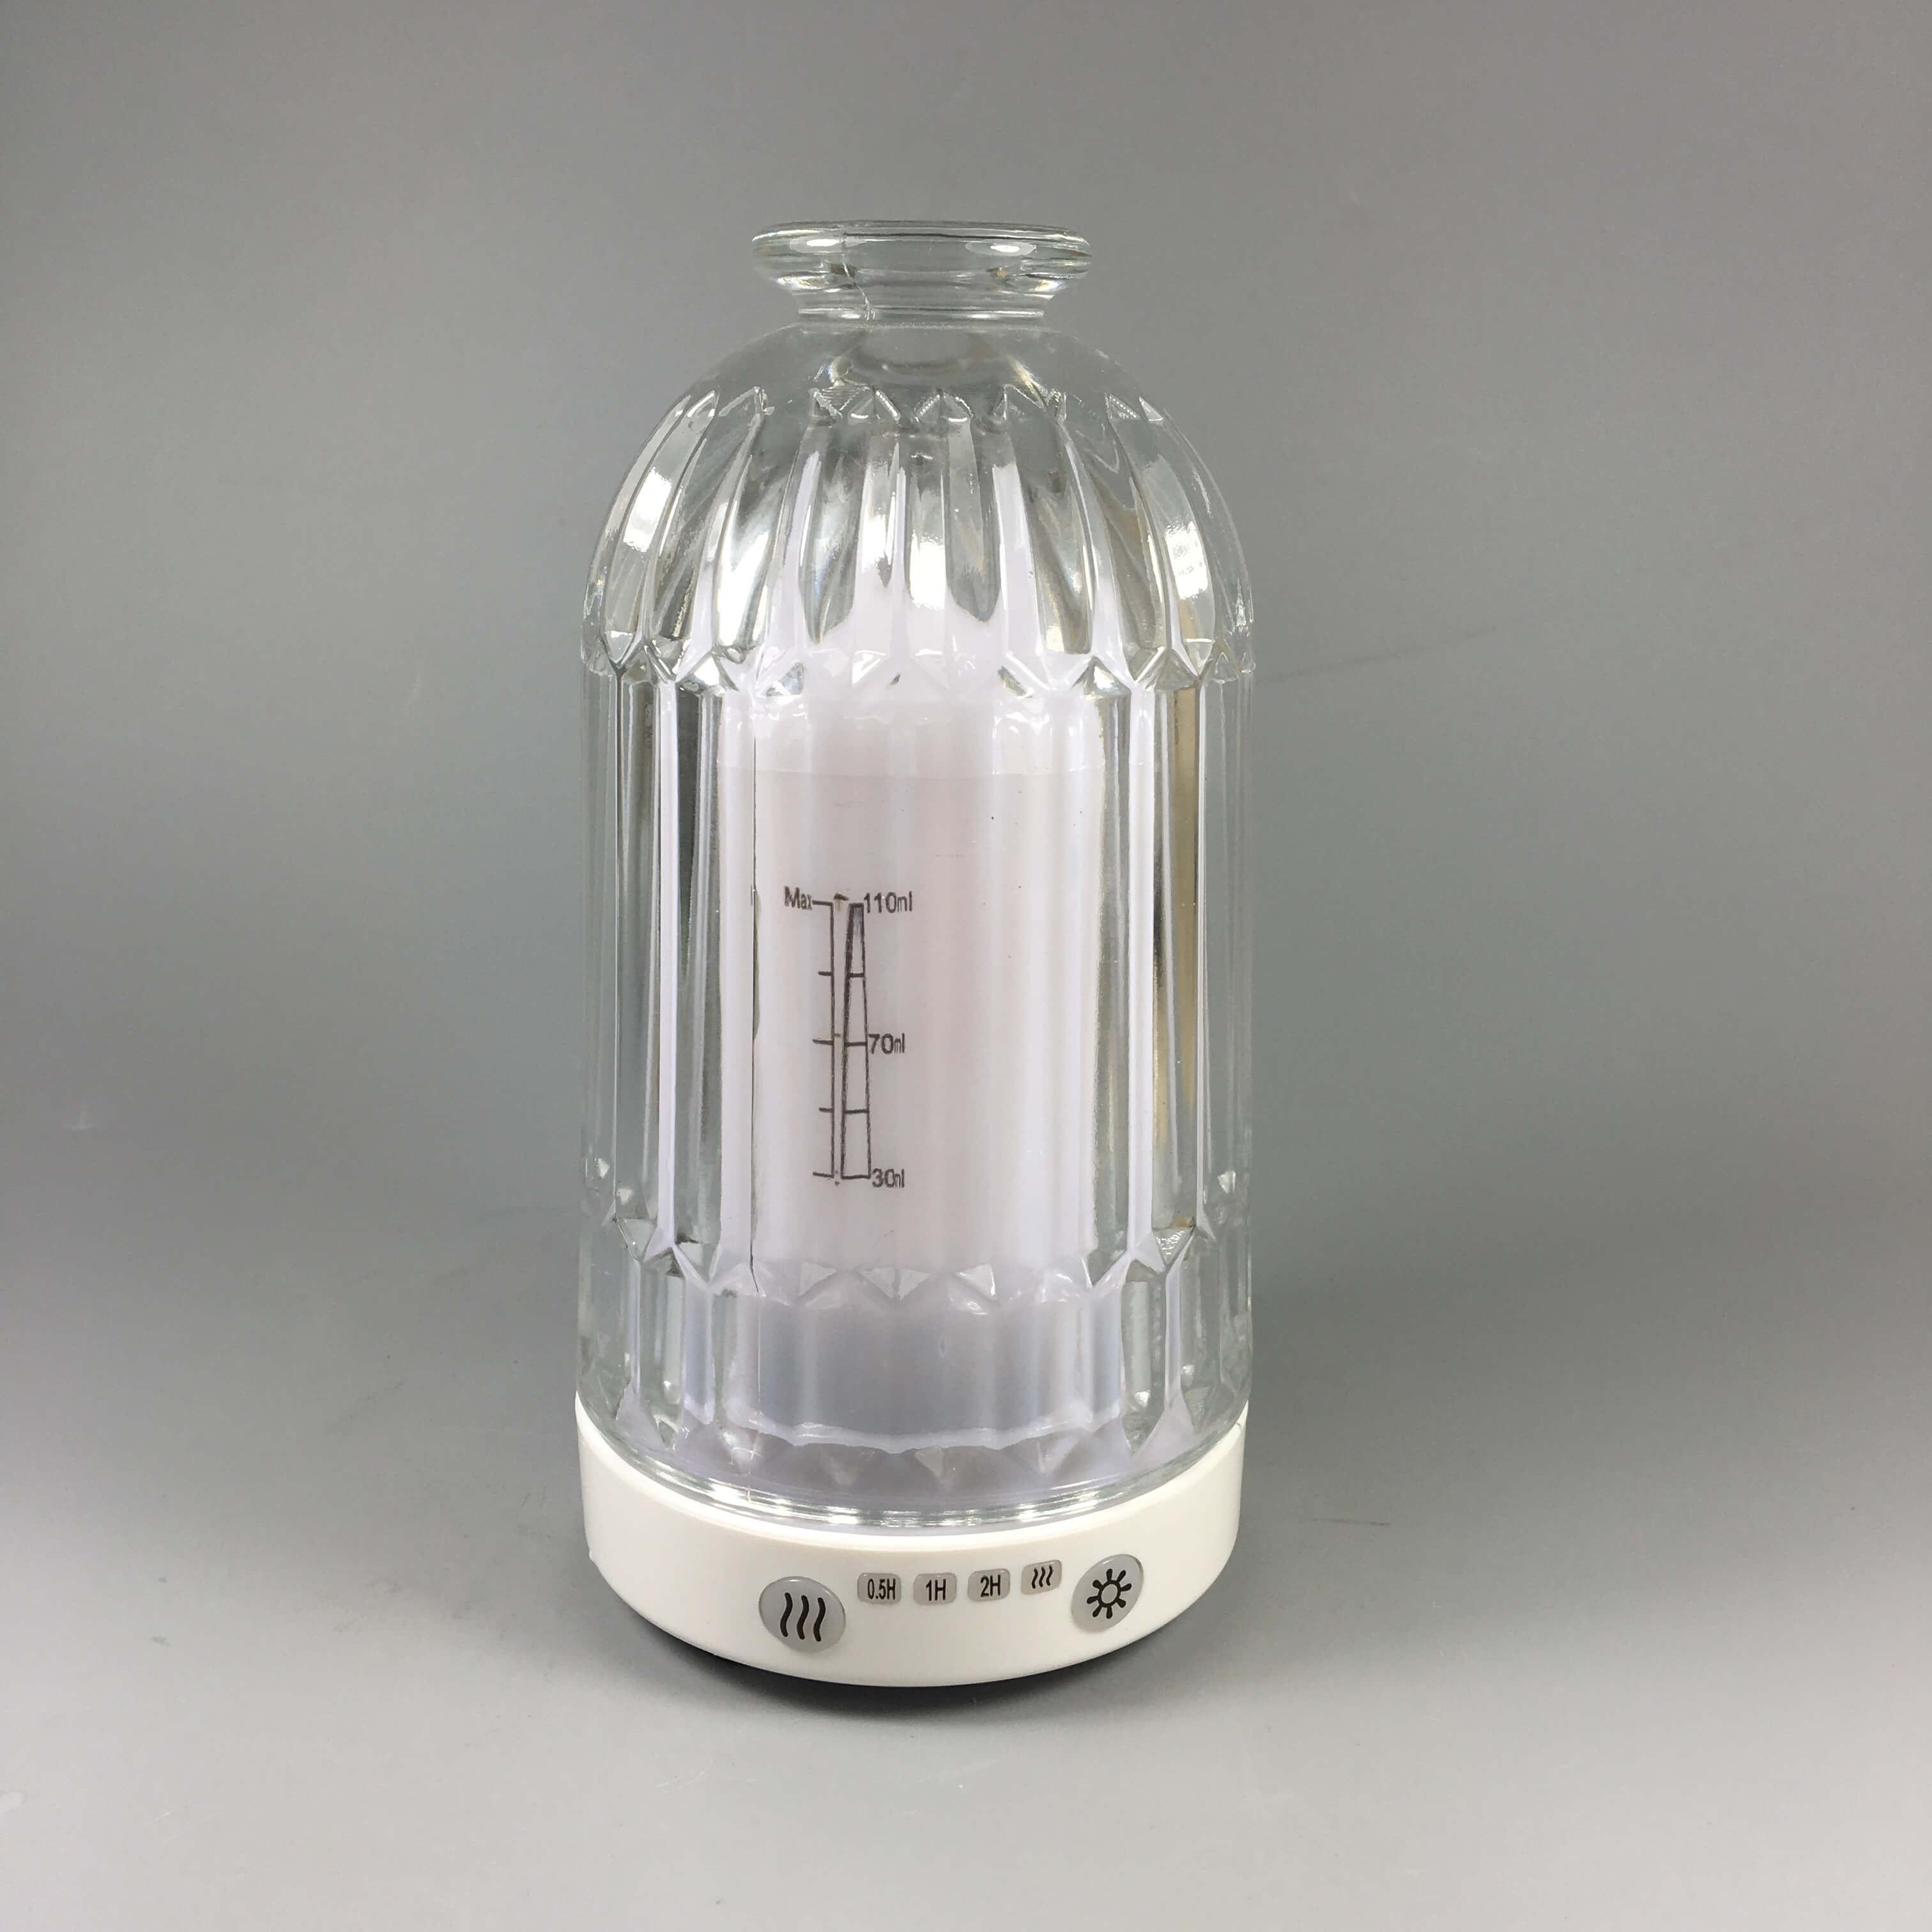 Glass-aroma-diffuser-GEA180944